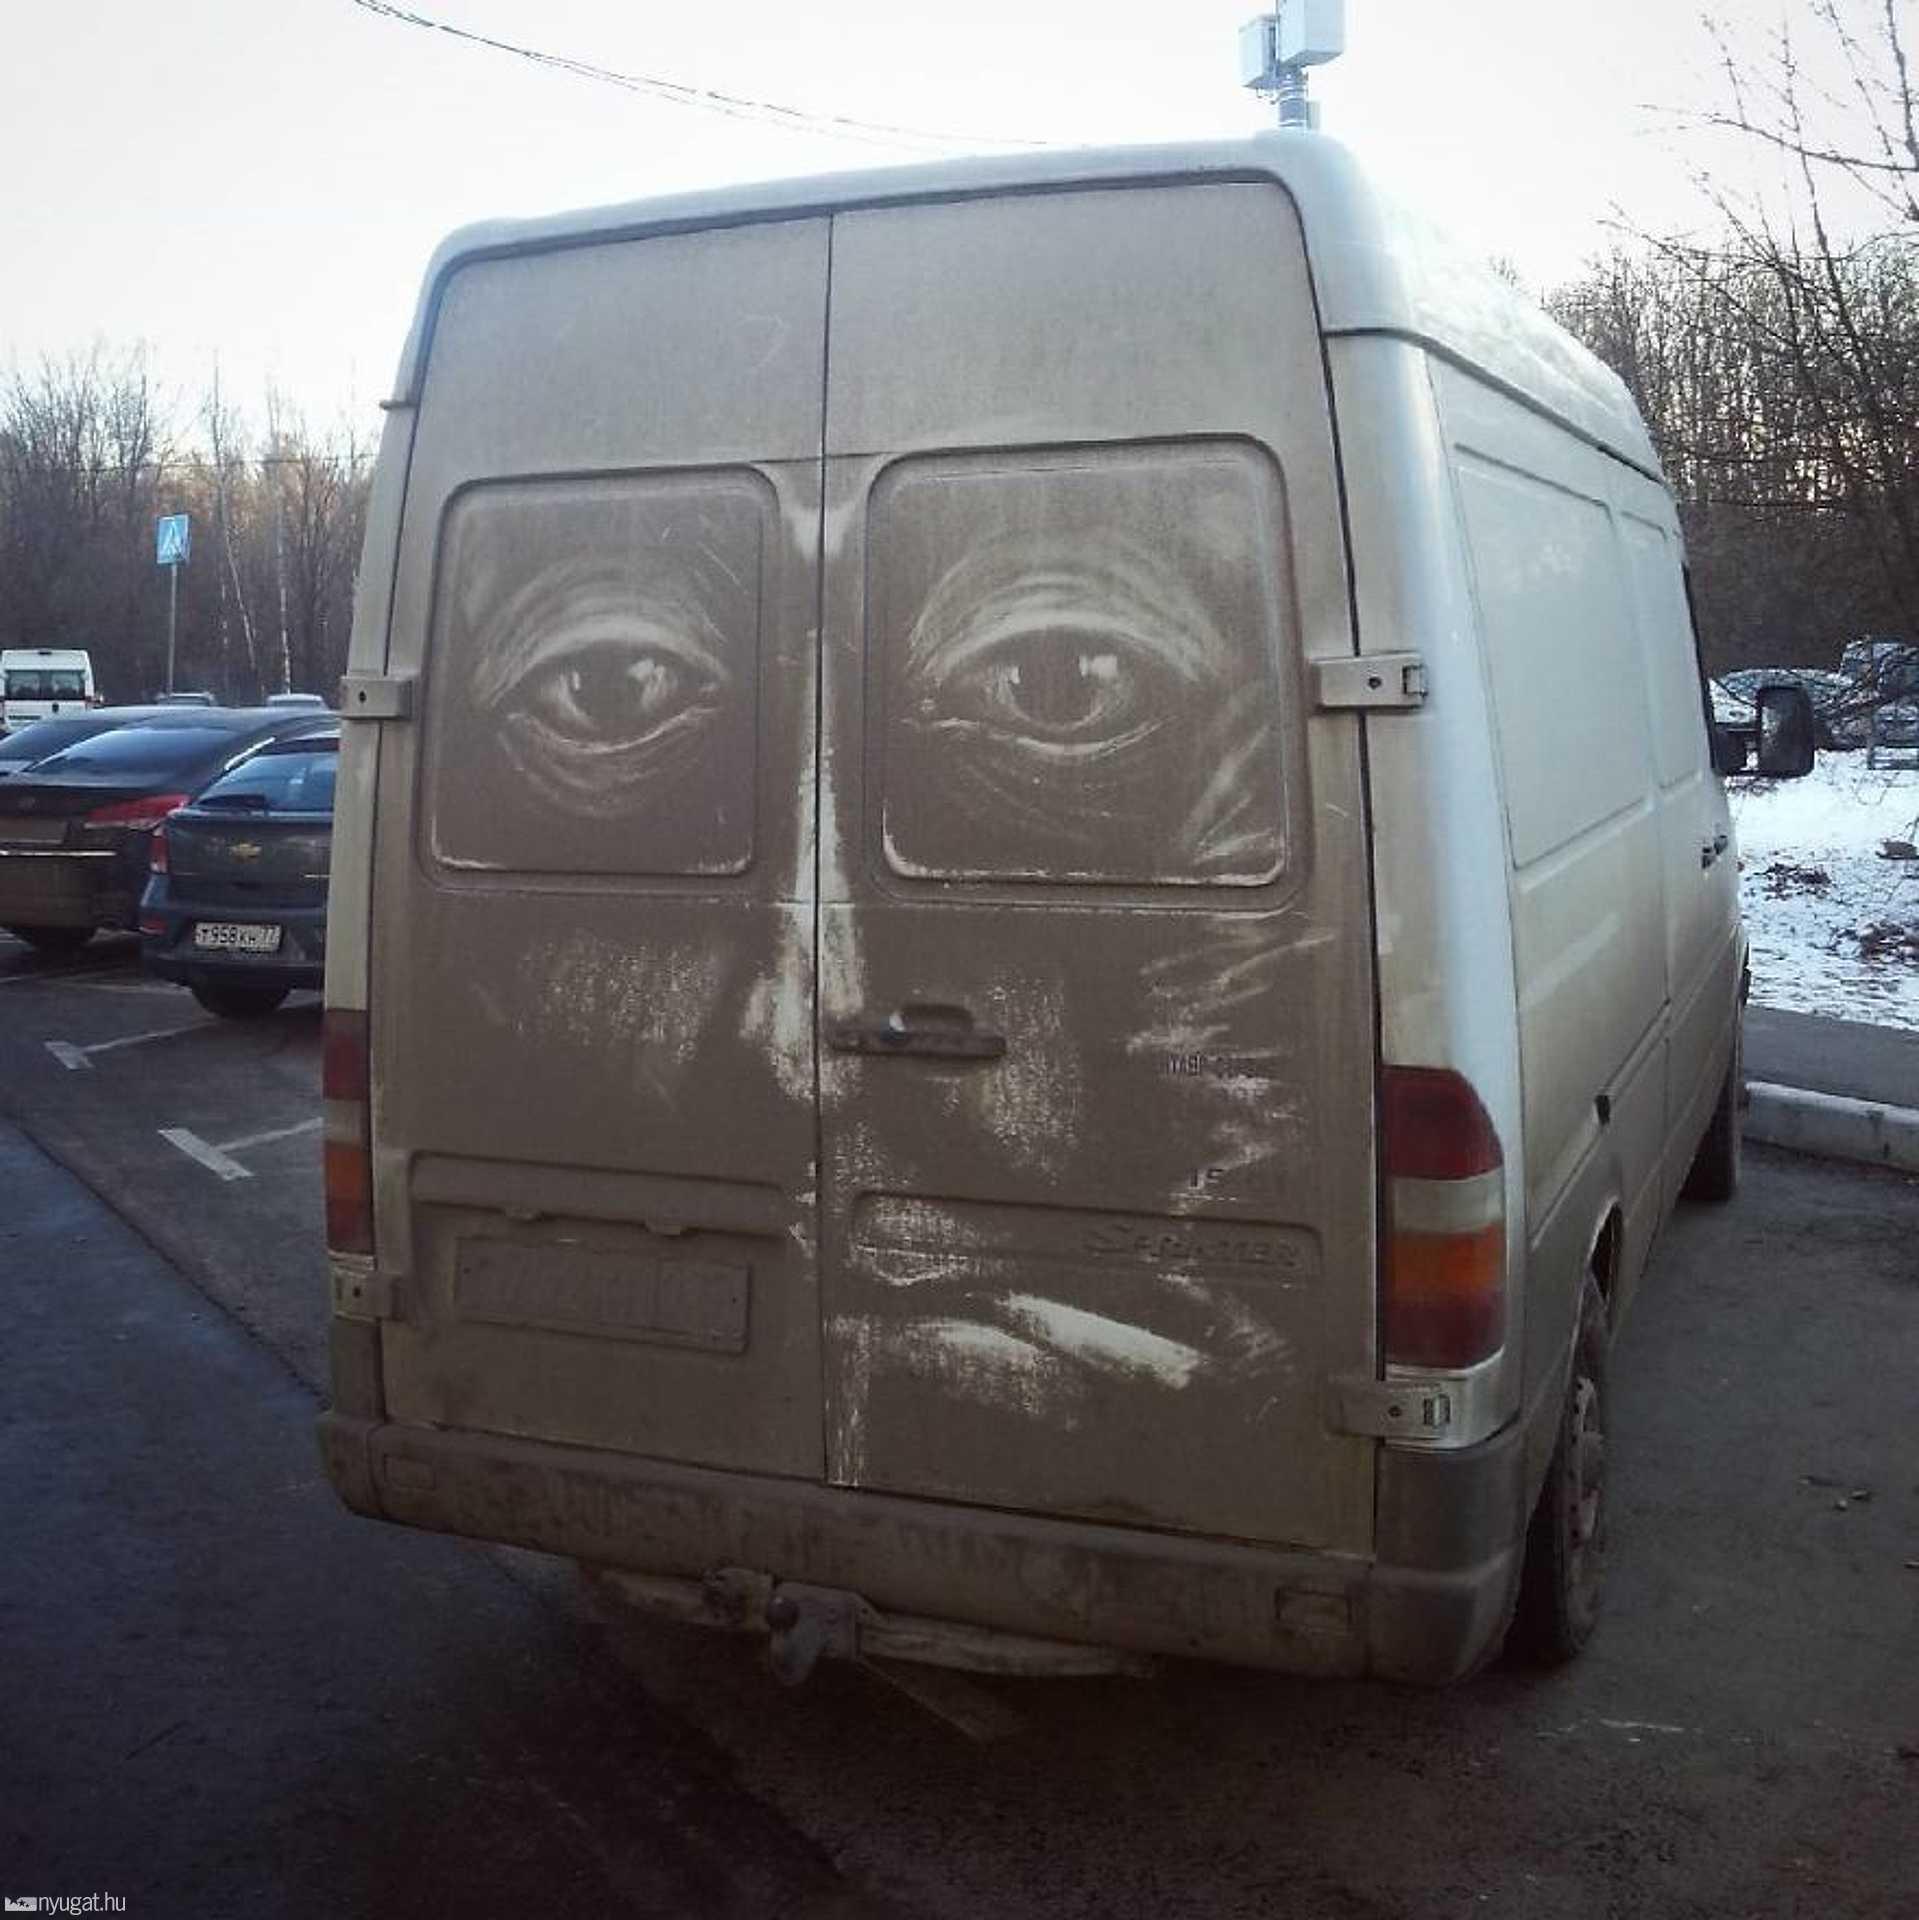 Porfestmények autókon